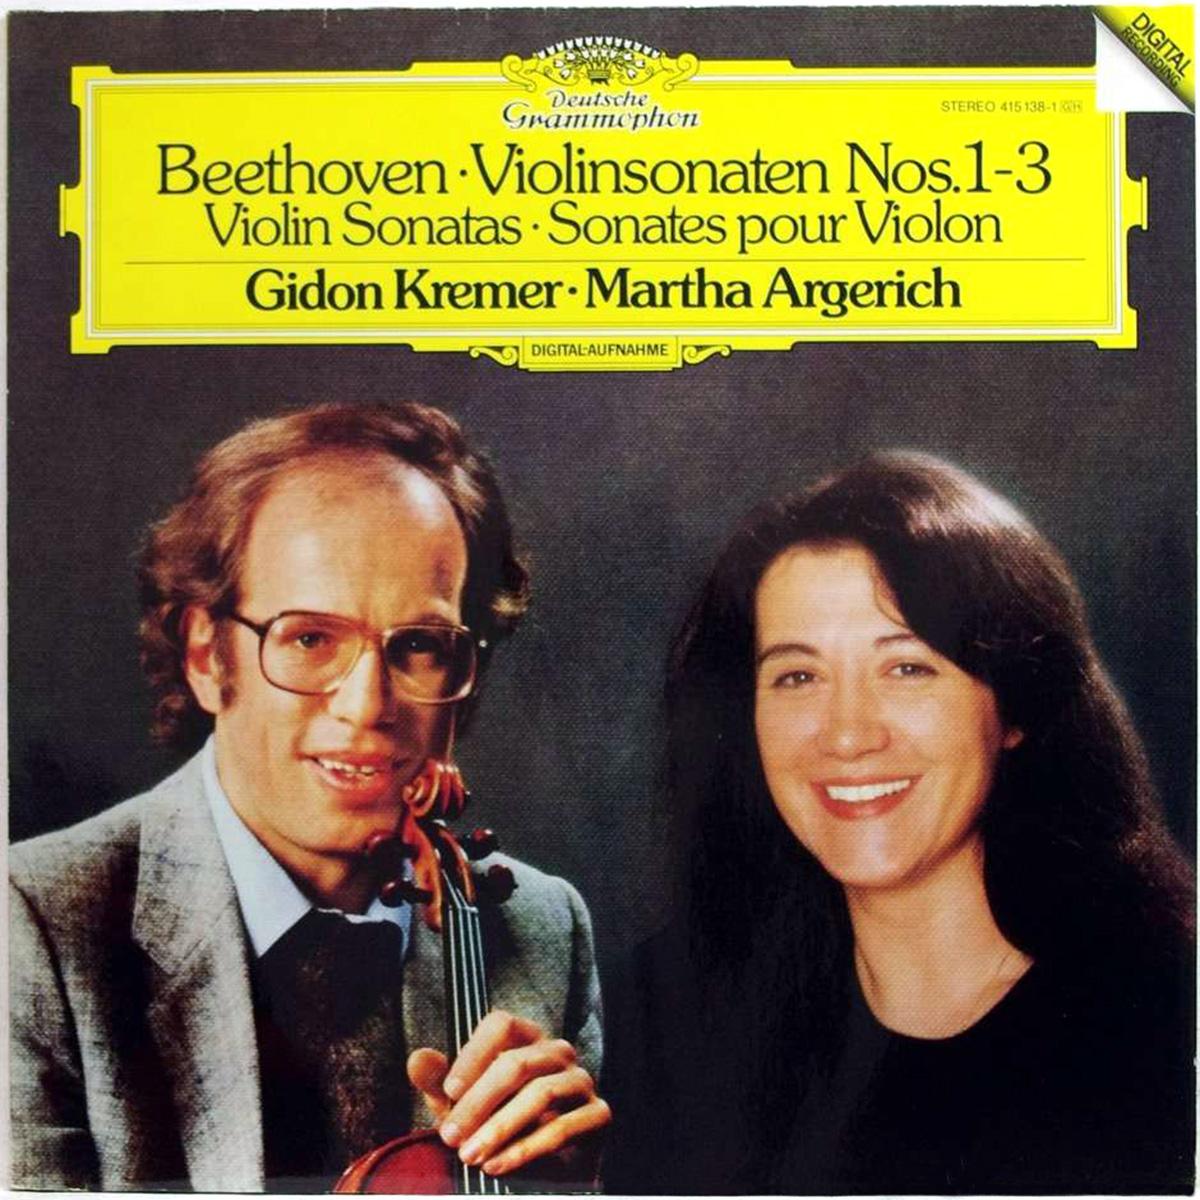 DGG 415138 Beethoven Sonates Pour Violon Piano Argrich Kremer DGG Digital Aufnahme